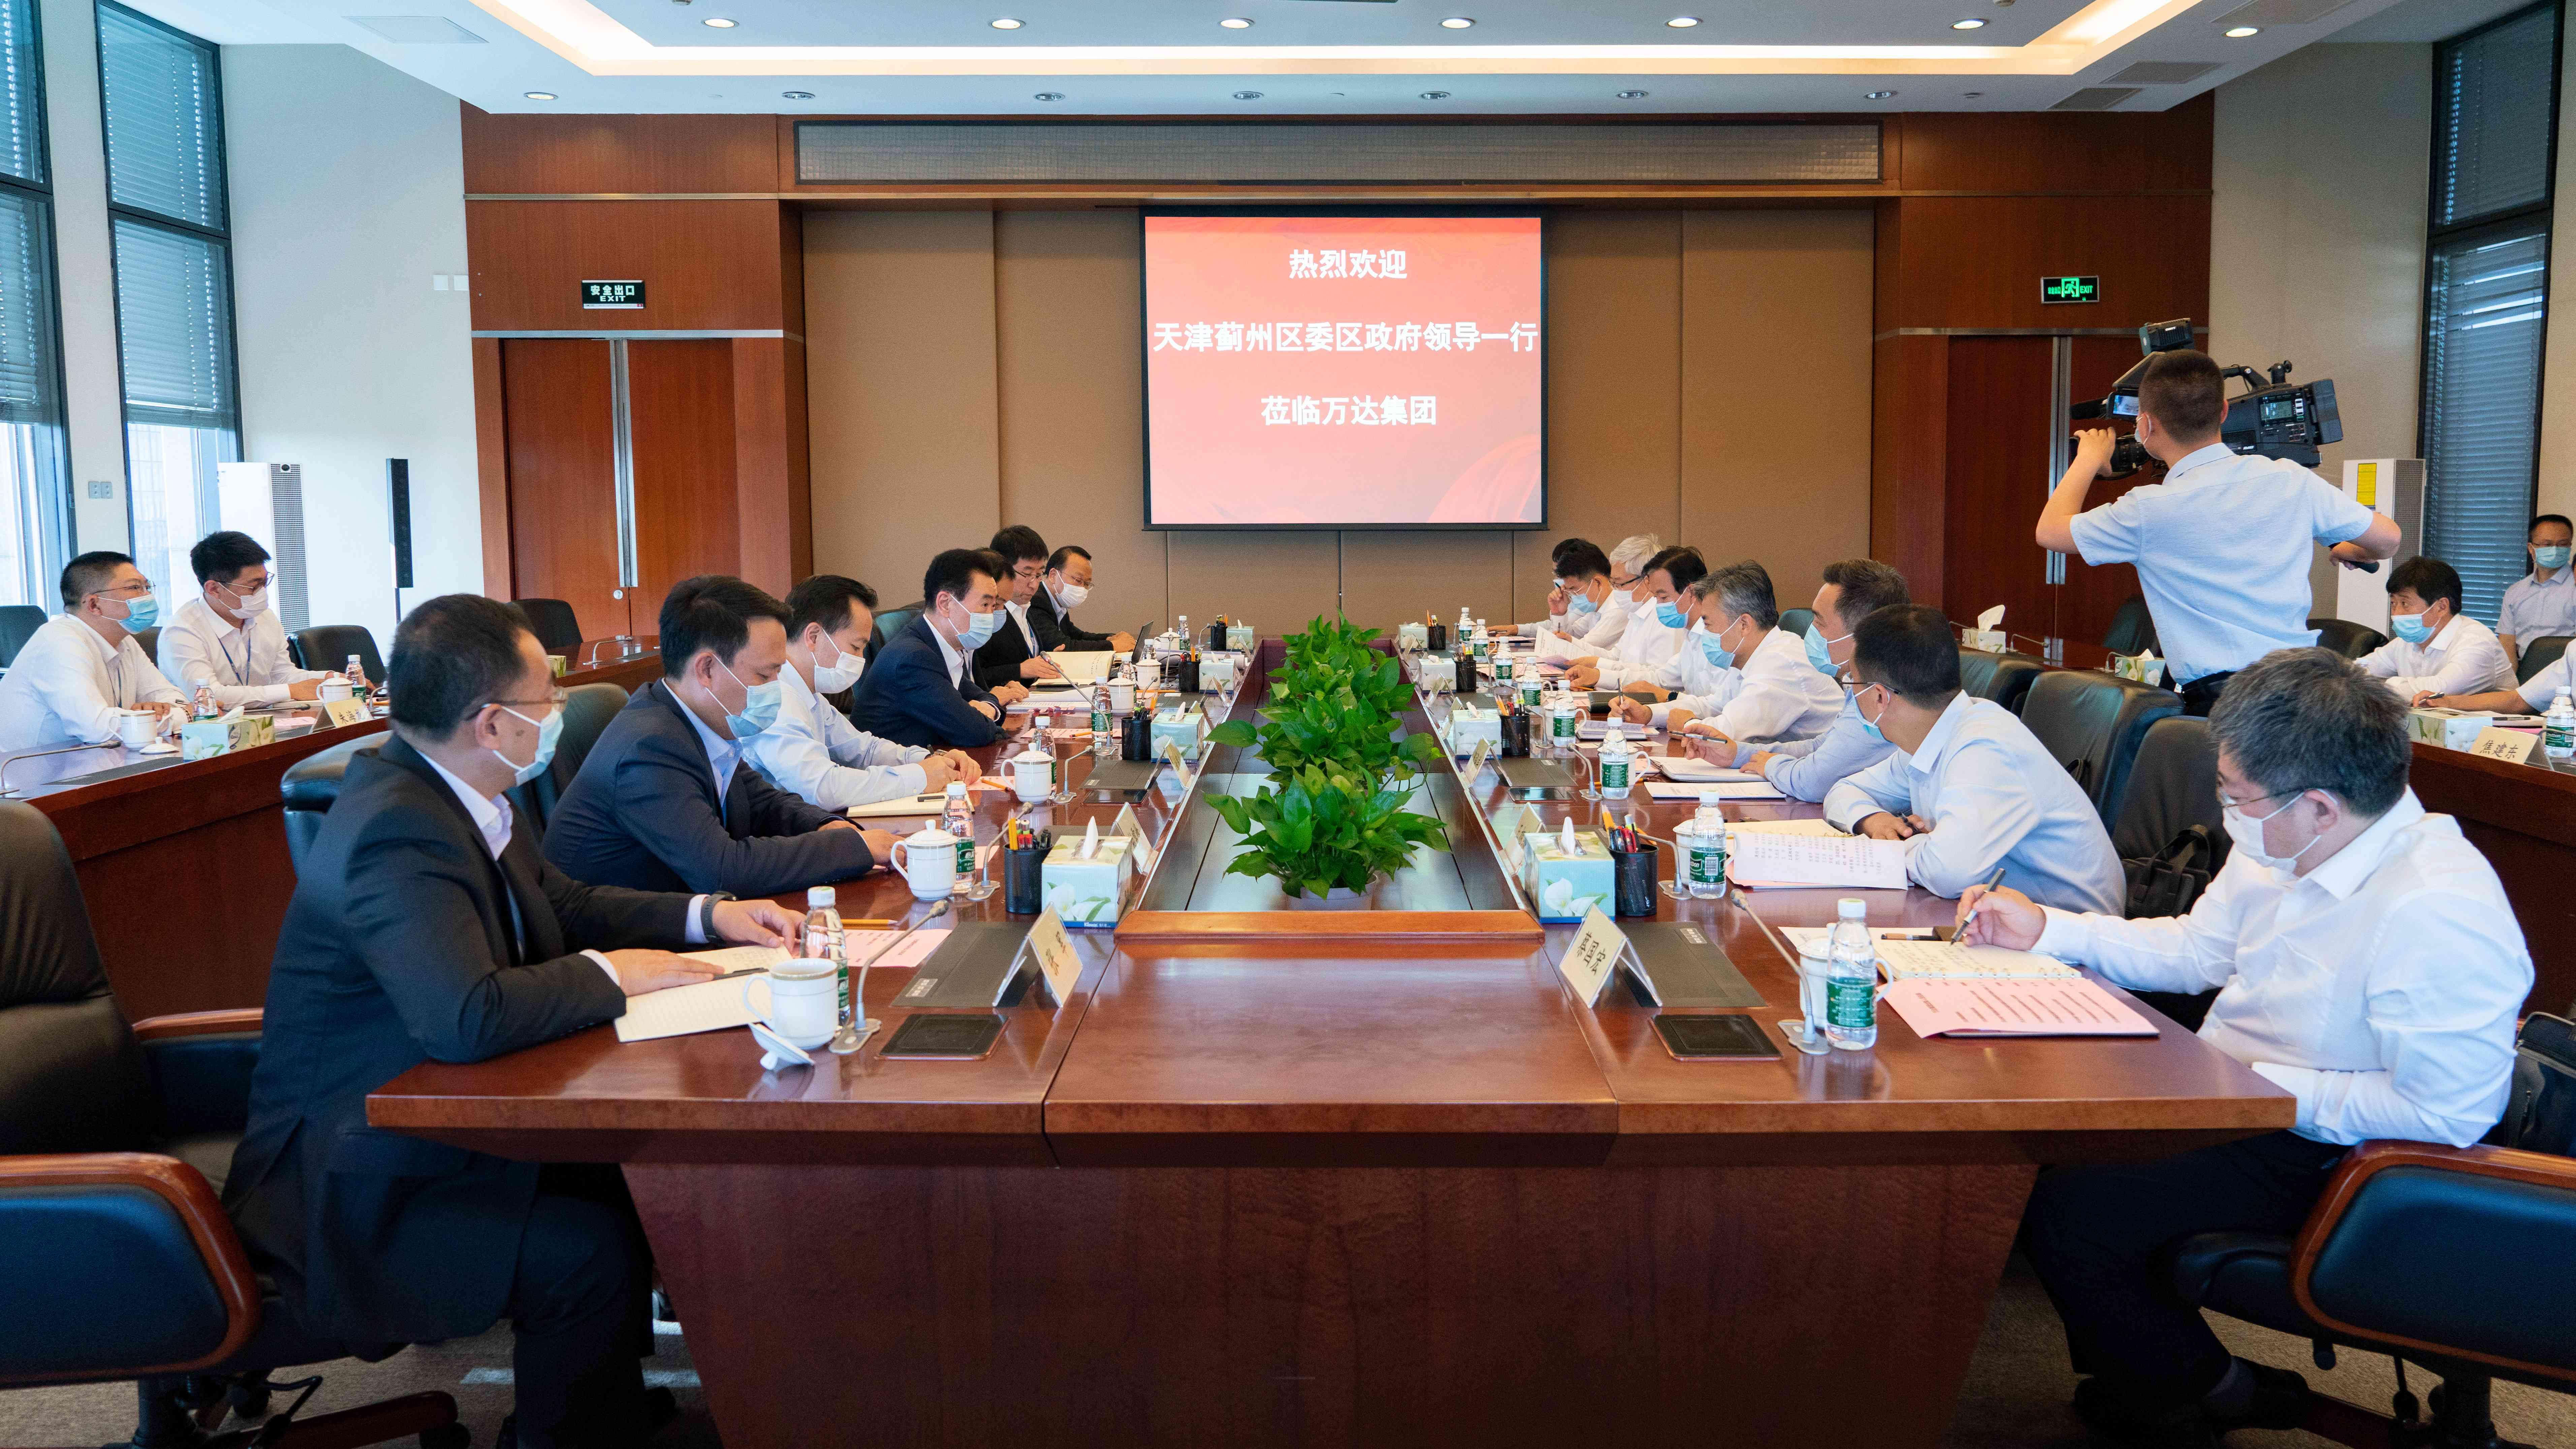 王健林董事长会见天津蓟州区委书记王力军区长廉桂峰